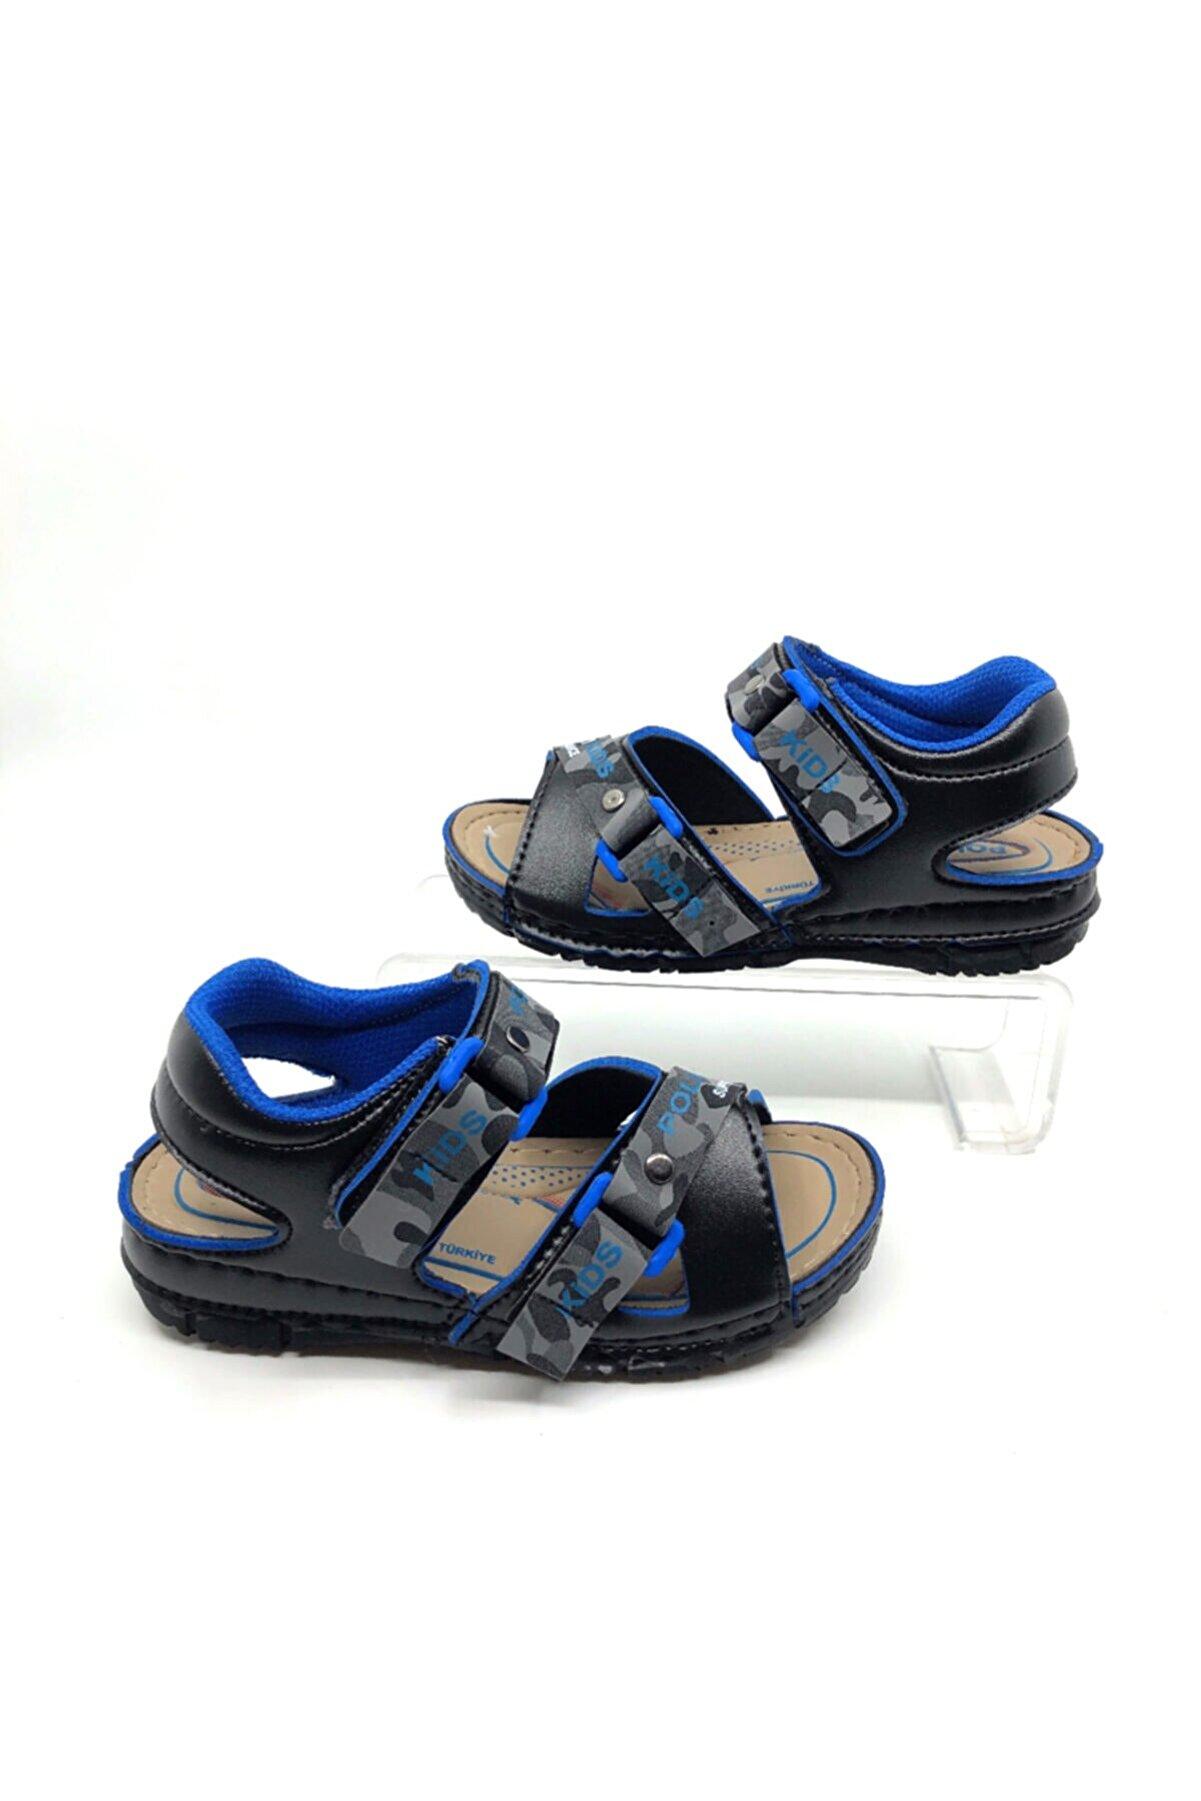 Dacfy Erkek Çocuk Siyah Saks Cırtlı Yumuşak  Sandalet 22-35